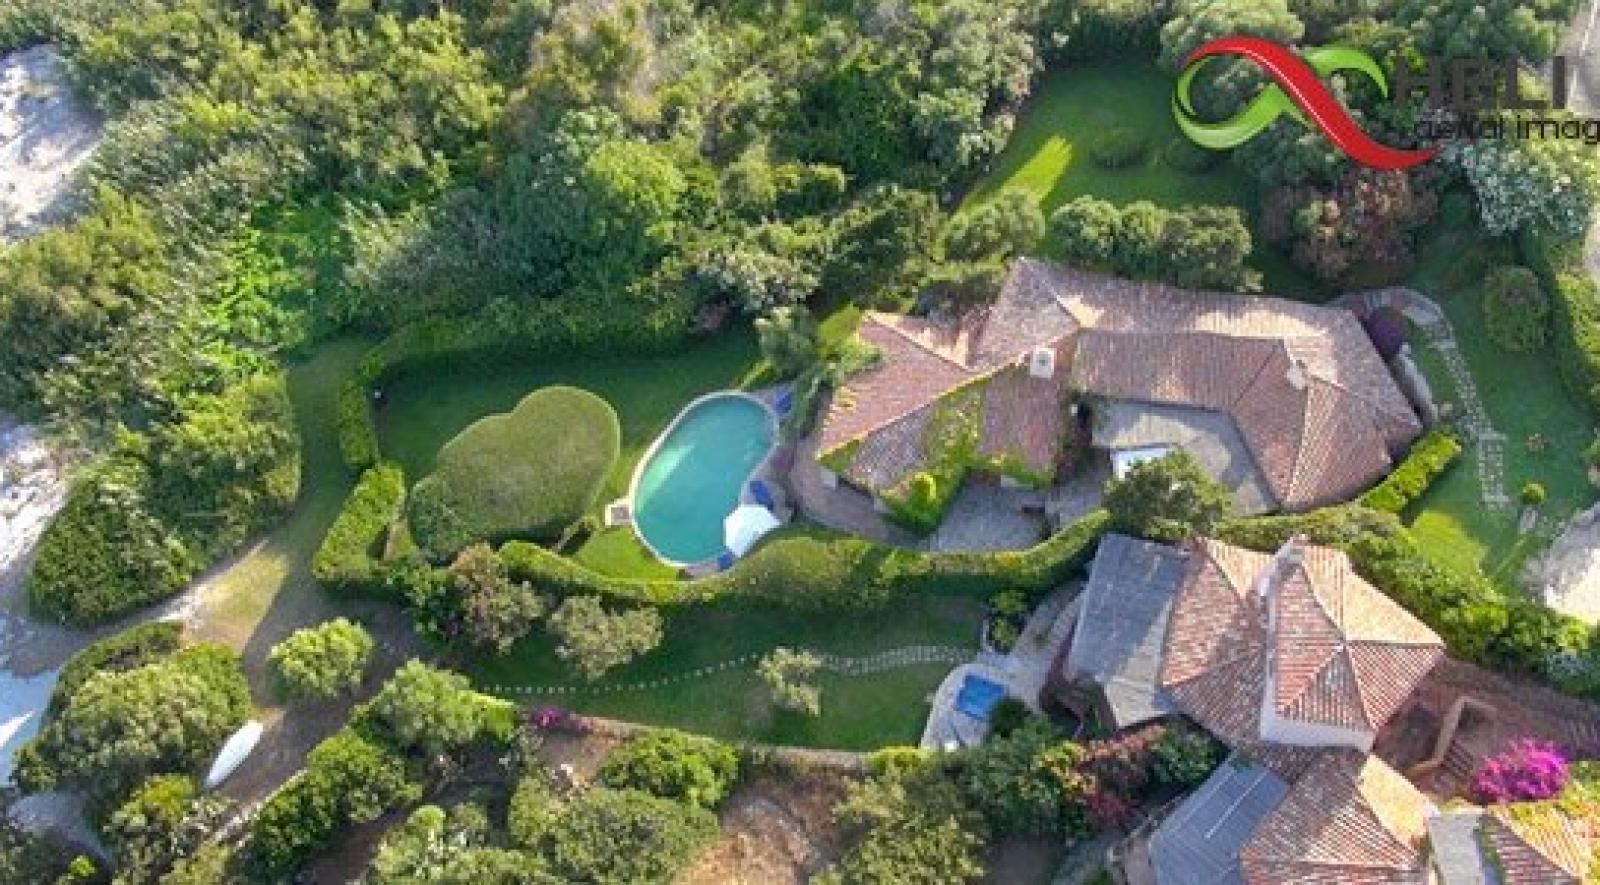 Riprese aeree drone per Hotel Resort Villaggi turistici